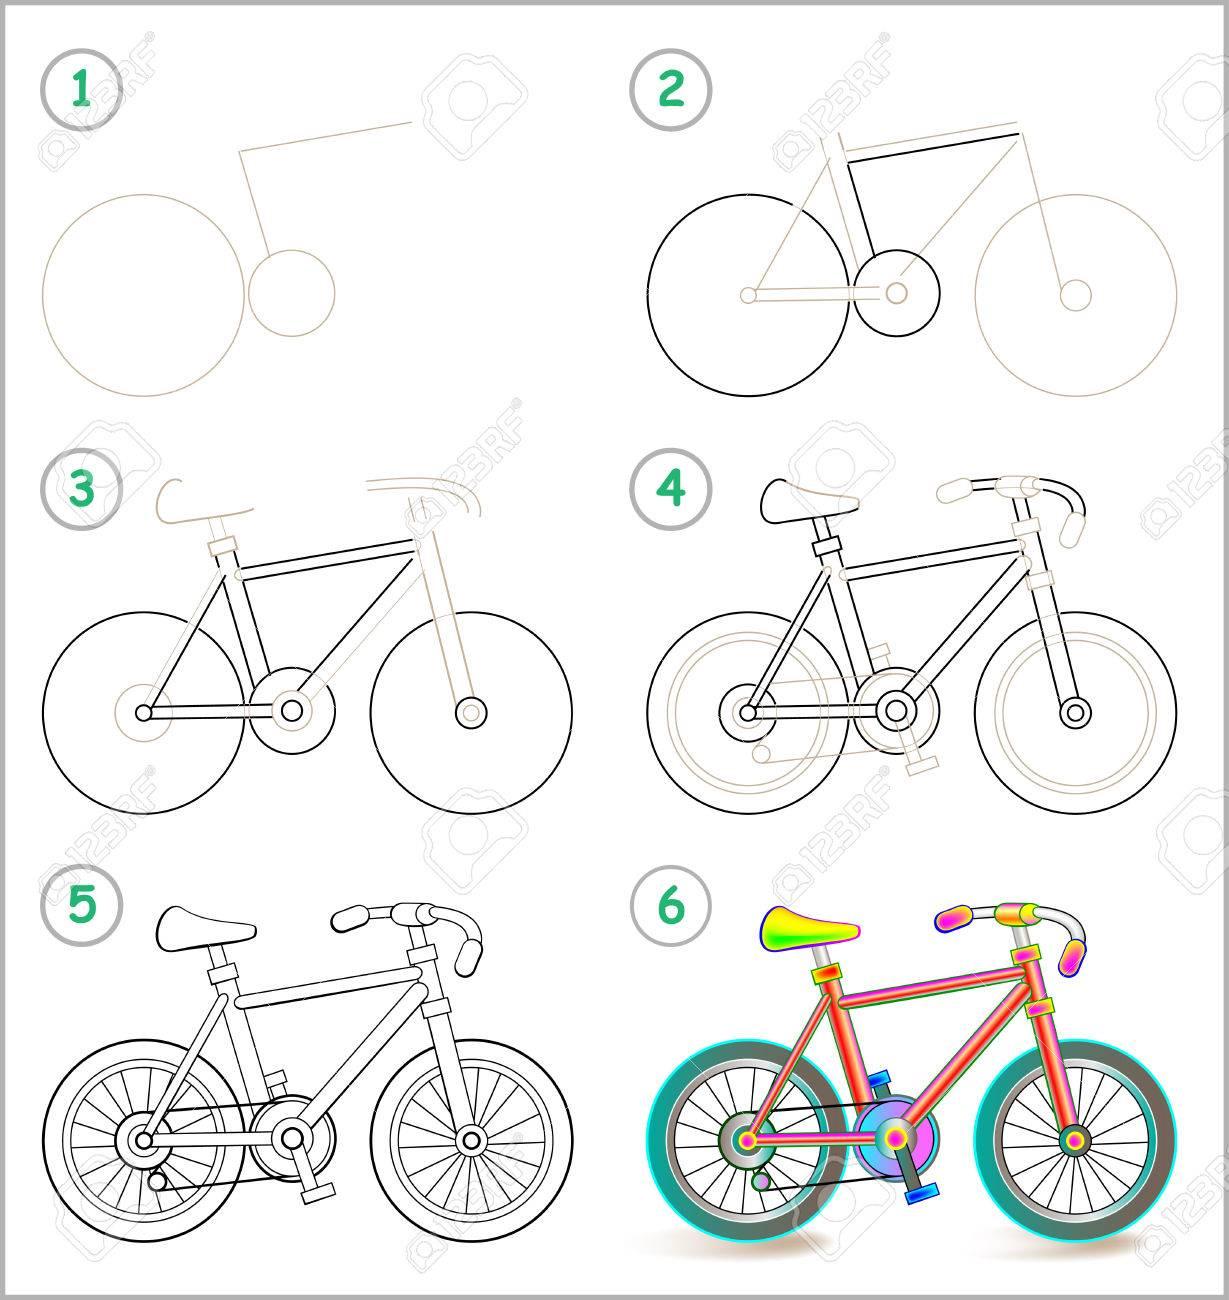 La Página Muestra Cómo Aprender Paso A Paso Para Dibujar Una Bicicleta De Juguete Ilustraciones Vectoriales Clip Art Vectorizado Libre De Derechos Image 75569952